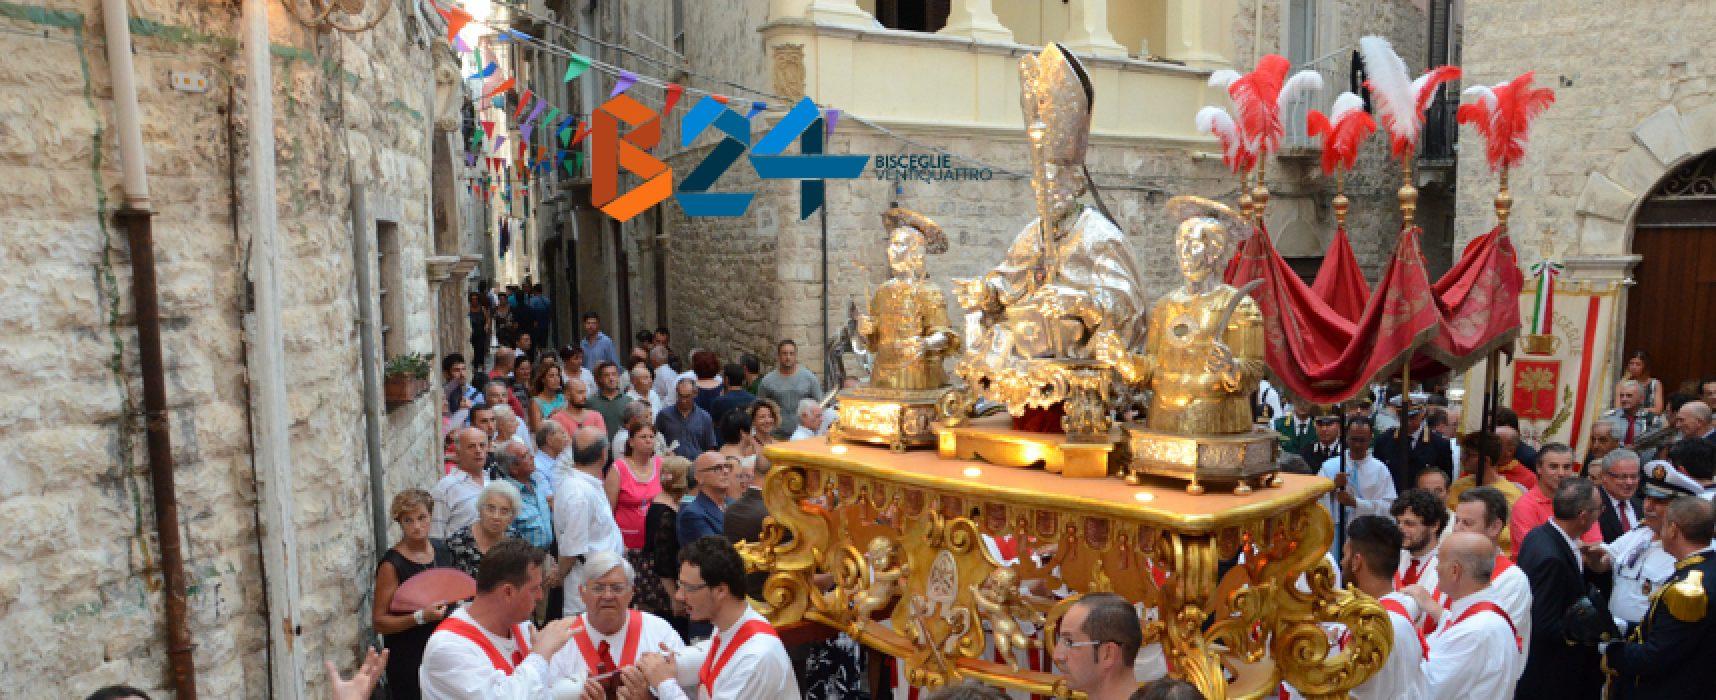 Comune stanzia 40mila euro per le feste patronali